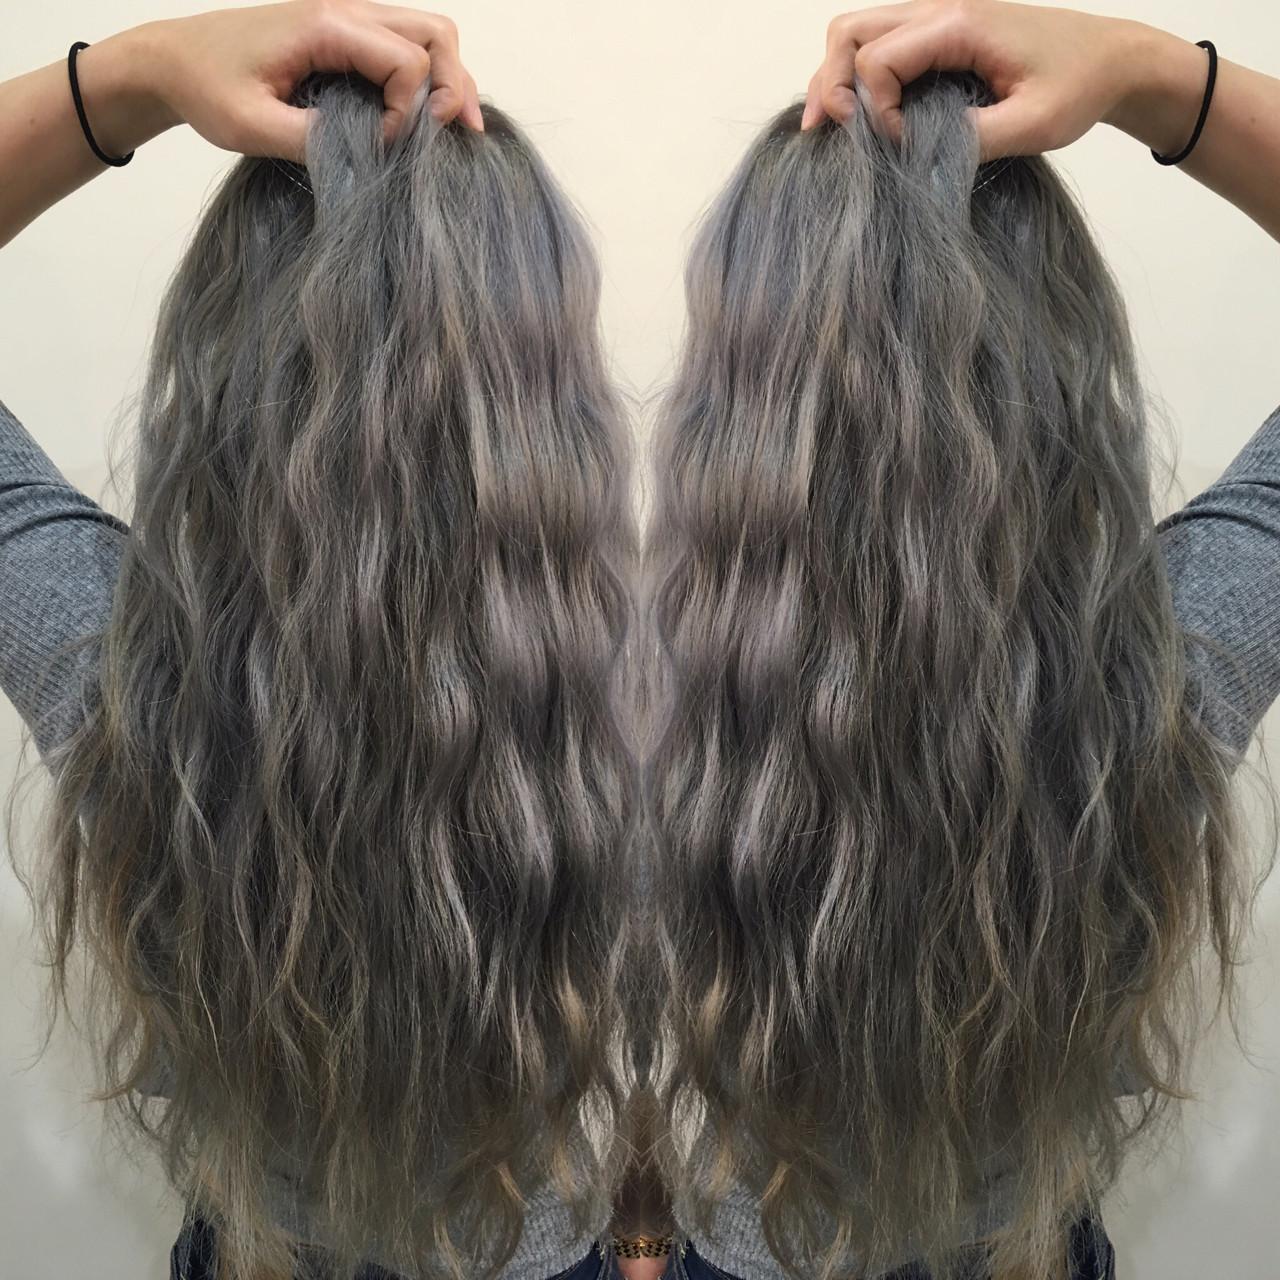 ロング ストリート グラデーションカラー アッシュ ヘアスタイルや髪型の写真・画像